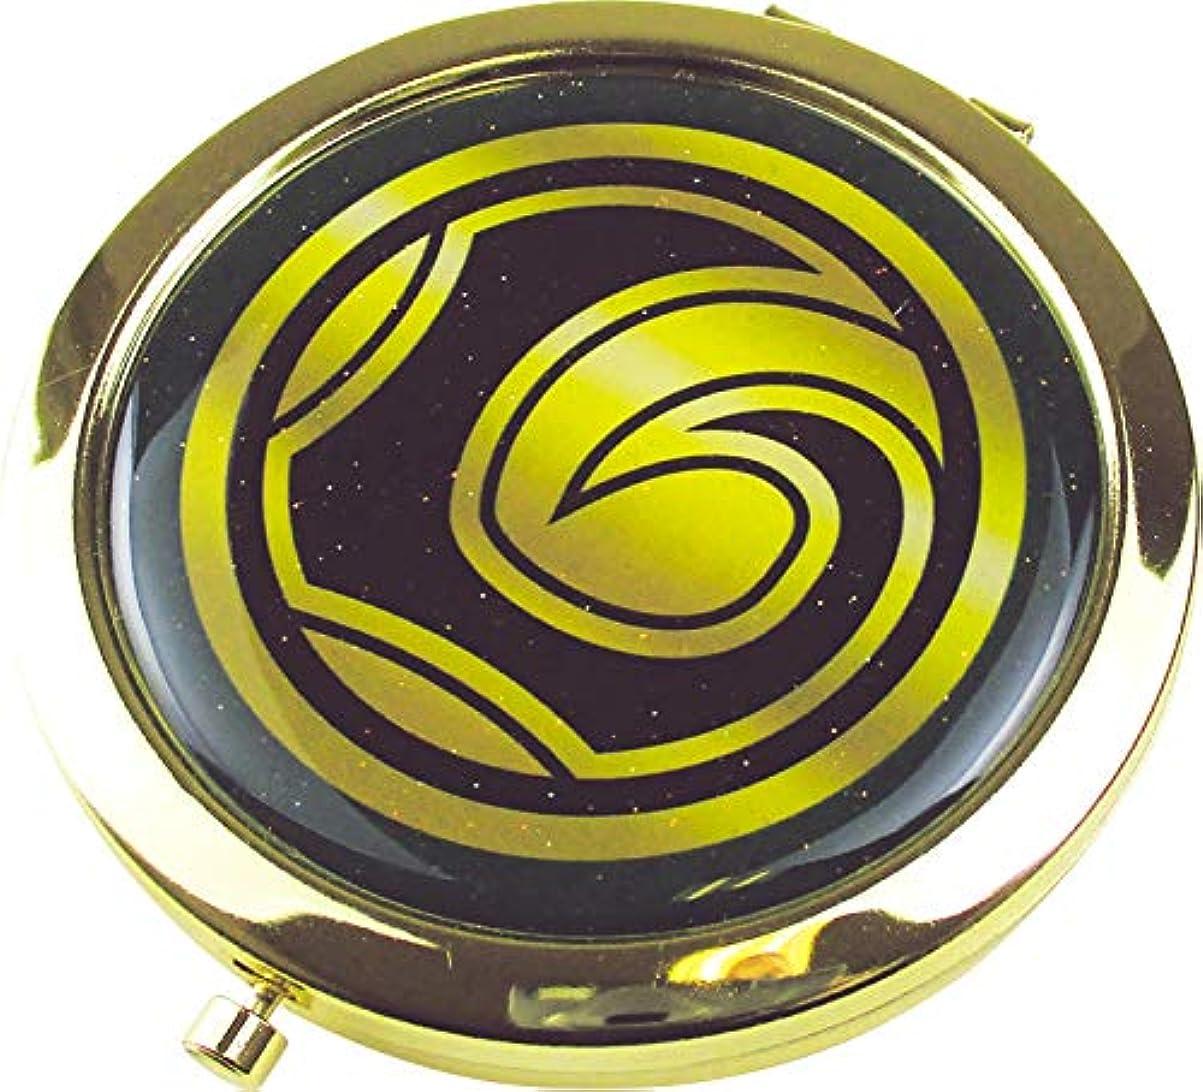 一貫性のないクローン医学ティーズファクトリー Wコンパクトミラー マーベル ロキ 6.6×6.6×0.8cm MV-5537085LK